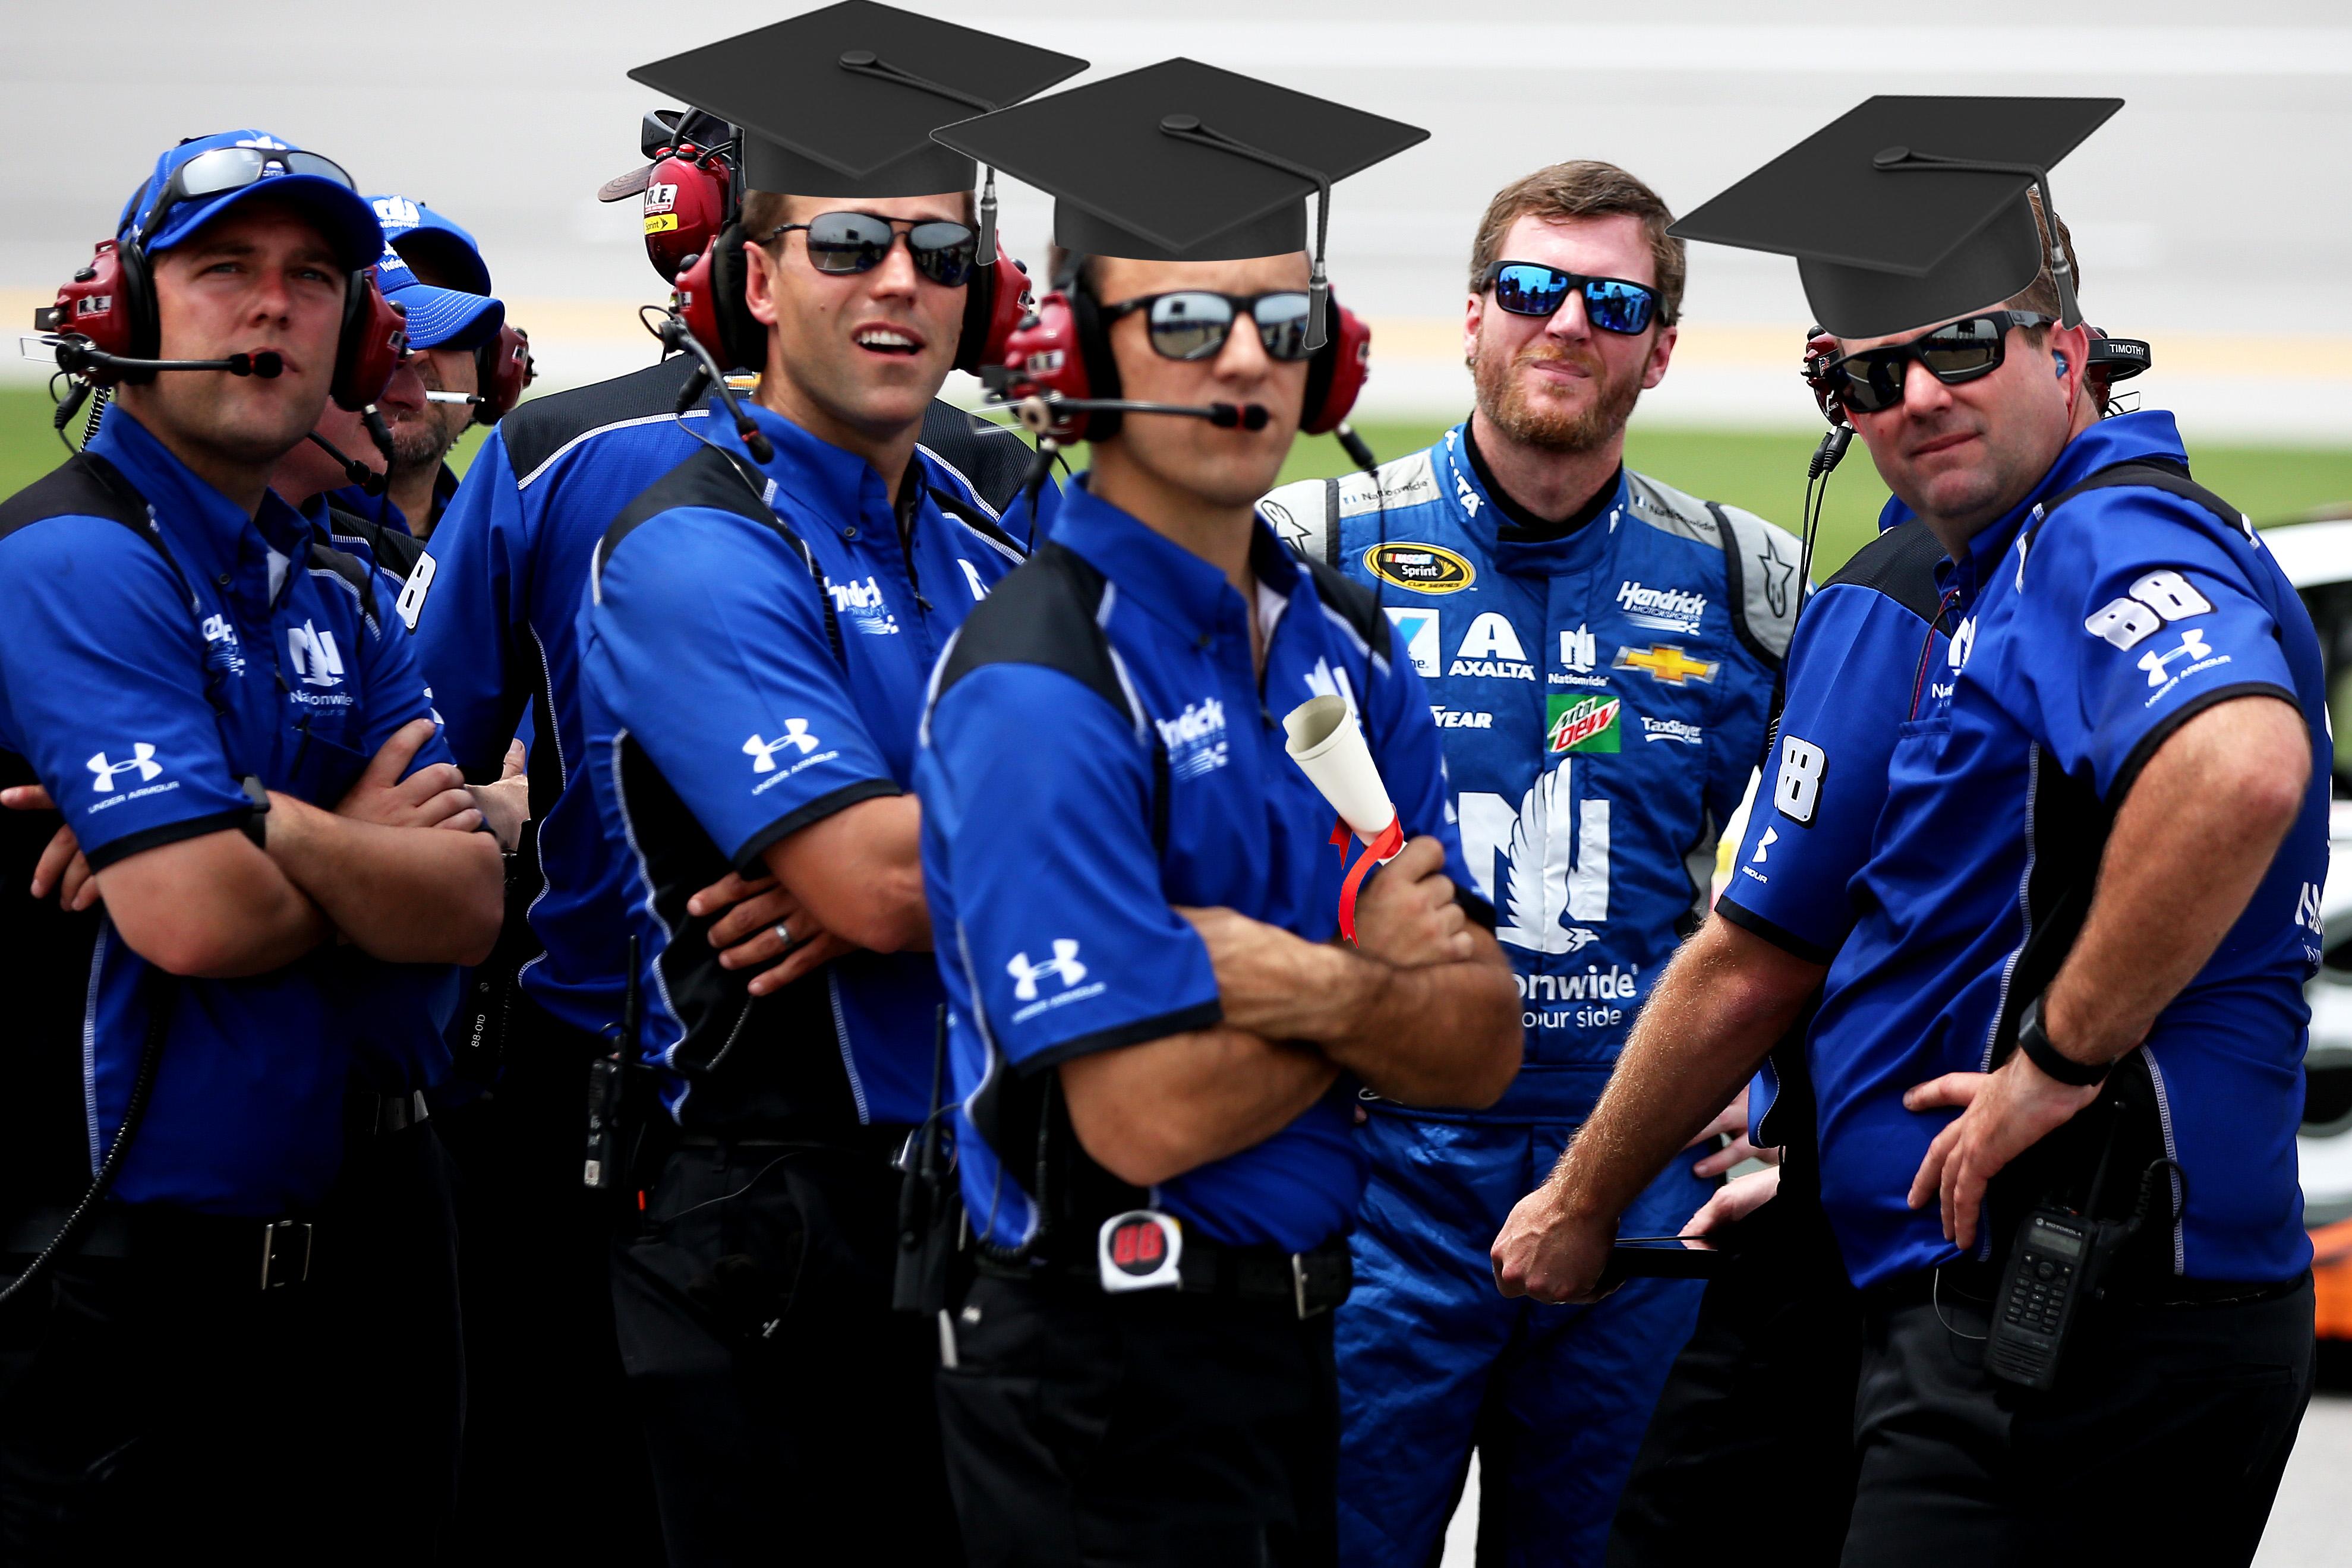 NASCAR College: The Most Prestigious University in America